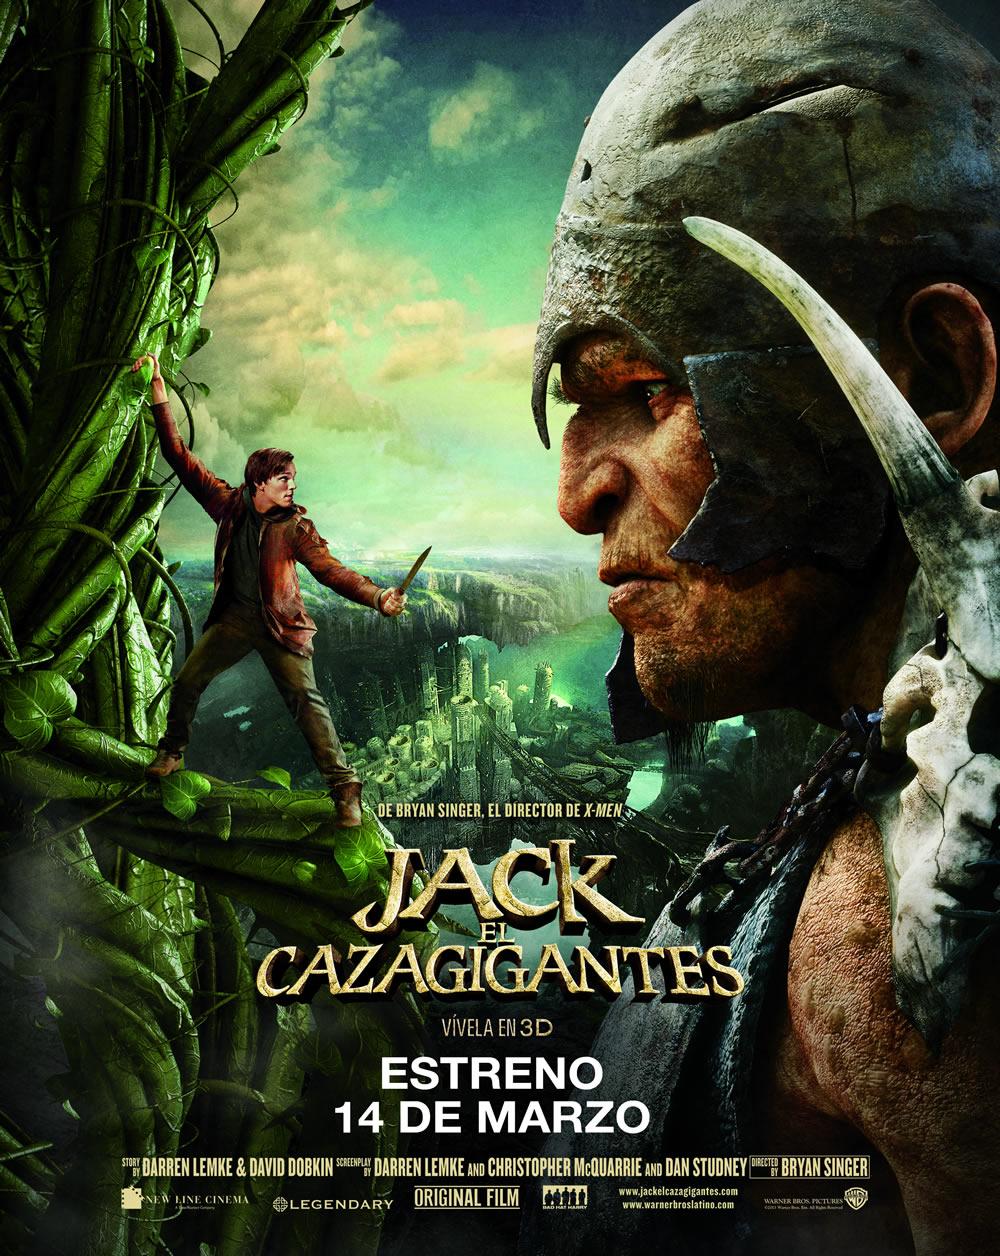 Jack el Cazagigantes [2013] [DvdRip-Avi] [Subtitulada] [1 Link]